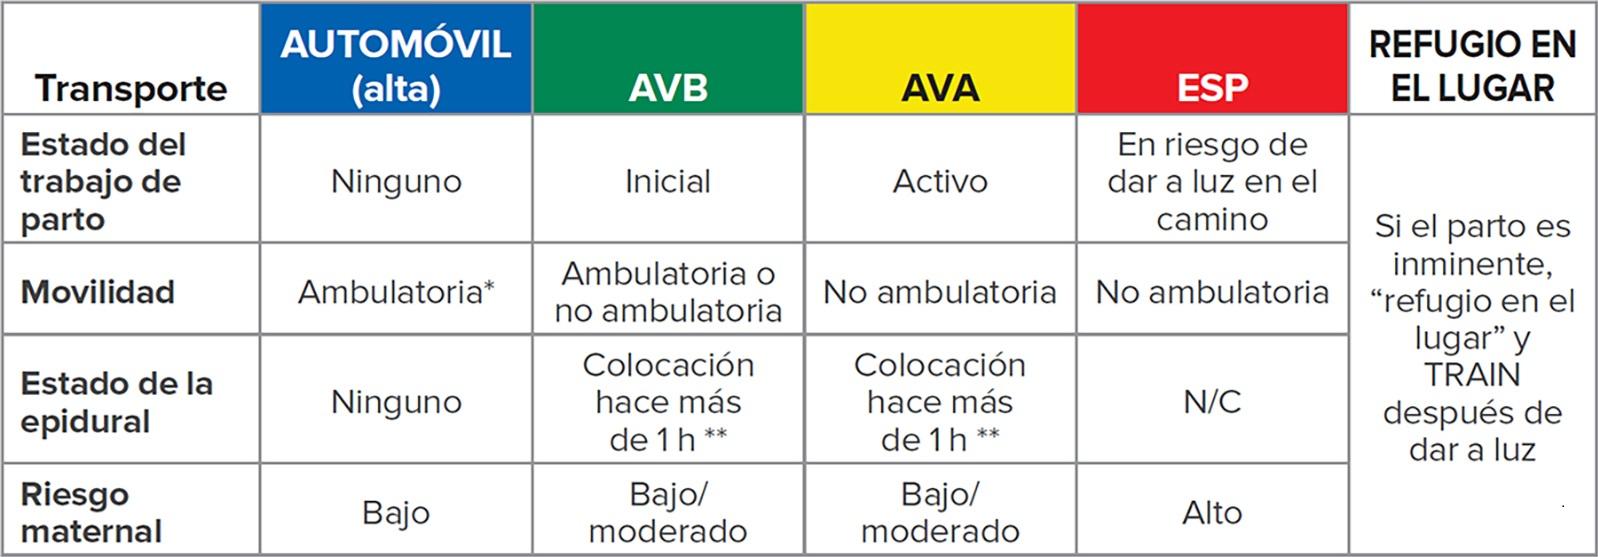 AVB = auxilio vital básico (ambulancia con personal técnico y médico de emergencia); AVA = auxilio vital avanzado (ambulancia con personal paramédico); ESP = especializado (debe estar acompañada por un médico o enfermero de transporte).<br /><br />*Puede pararse desde una posición en cuclillas.<br /><br />**Catéter epidural tapado.